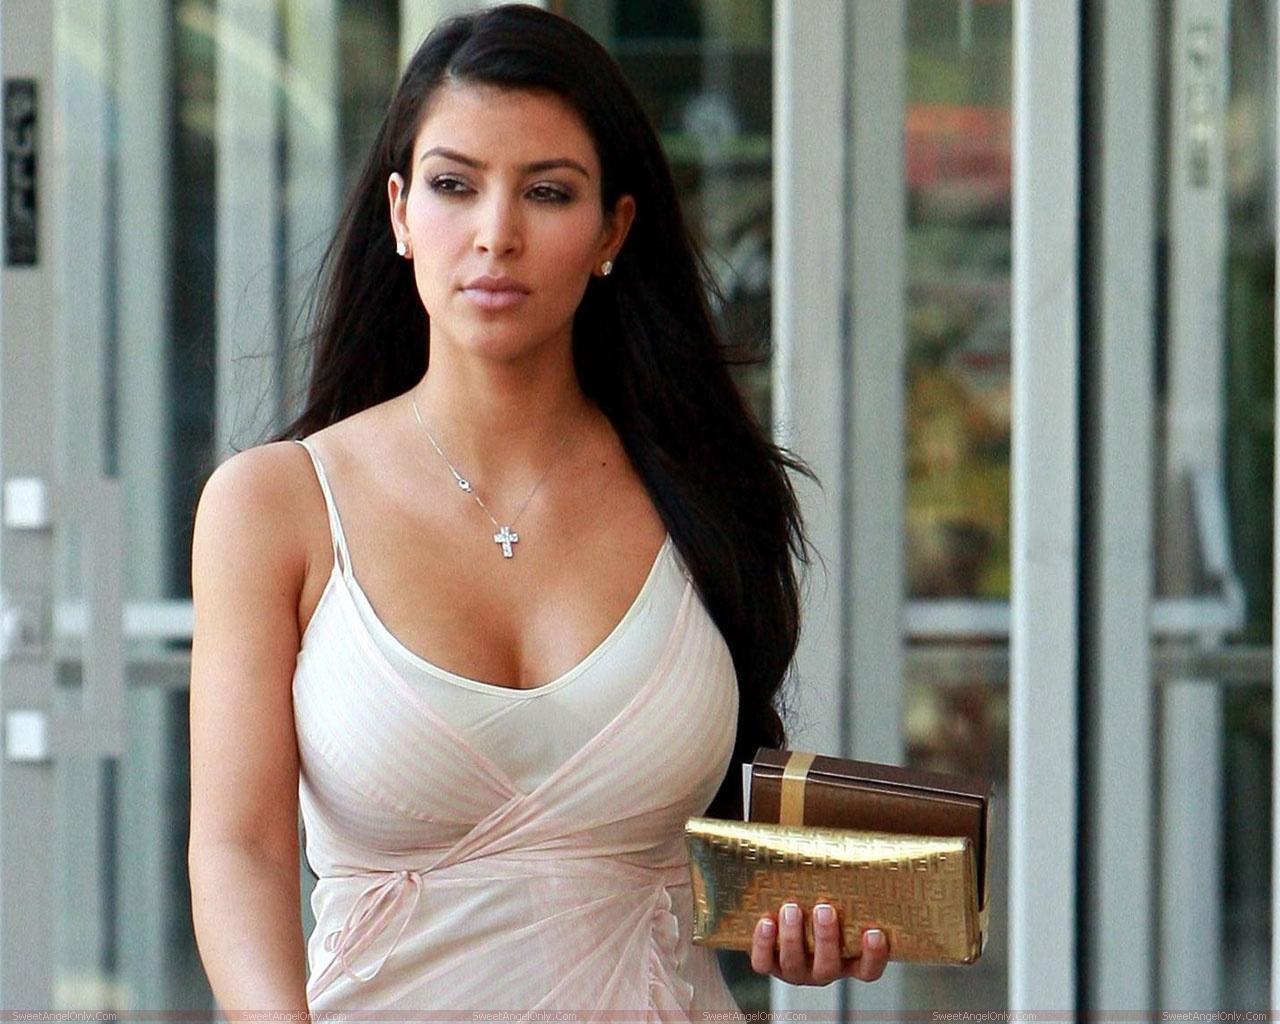 http://3.bp.blogspot.com/-jP8A4IDCbms/TXtHyopr_WI/AAAAAAAAFcc/RygO3DmKDGk/s1600/actress_kim_kardashian_hot_wallpaper_sweetangelonly_34.jpg